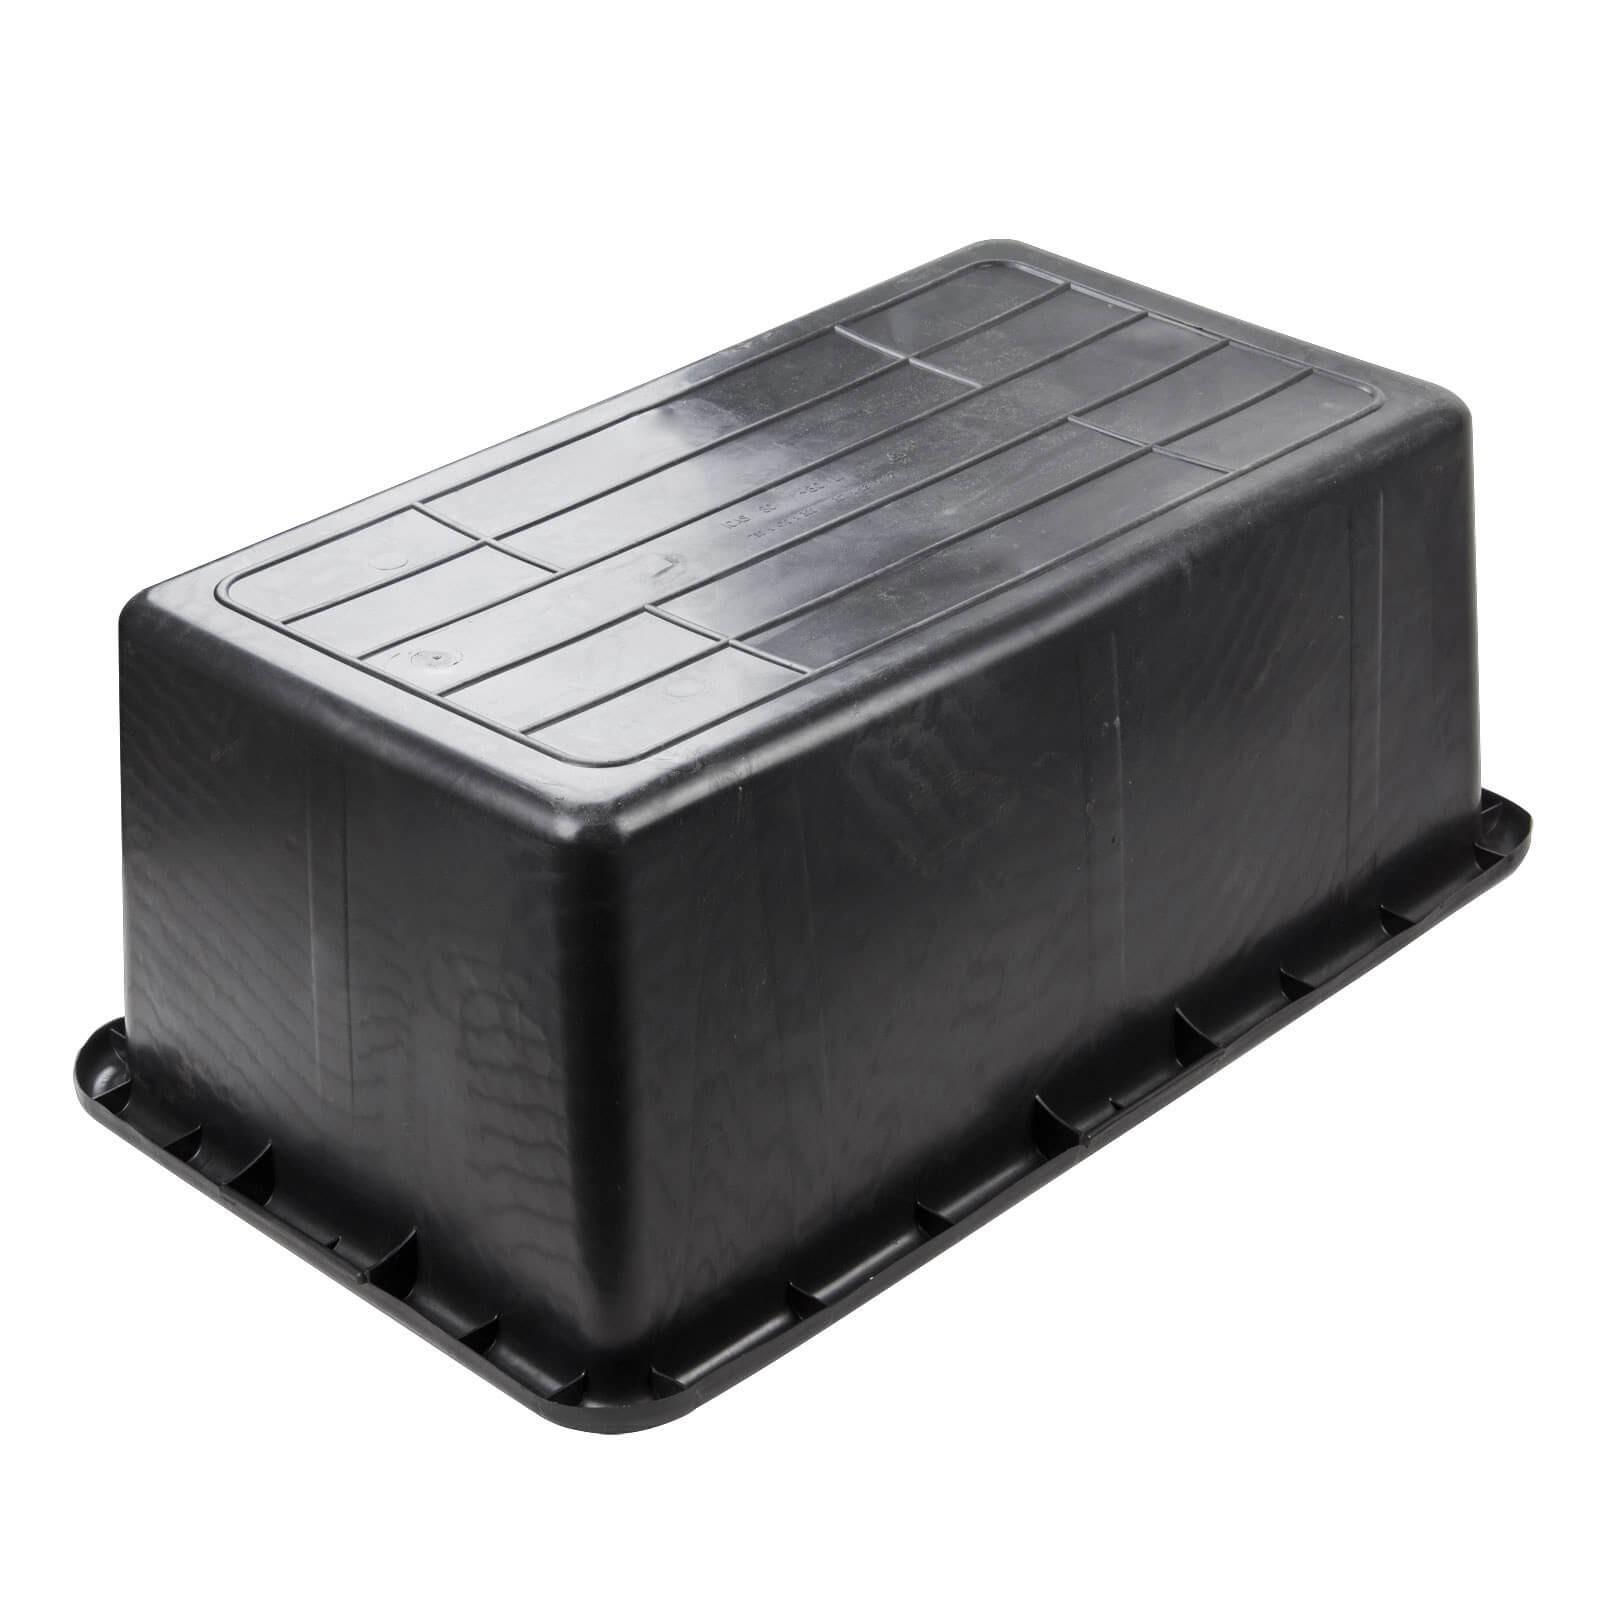 m rtelk bel m rtelwanne 90 ltr 4 griffe rechteckig 77x47x34 cm. Black Bedroom Furniture Sets. Home Design Ideas